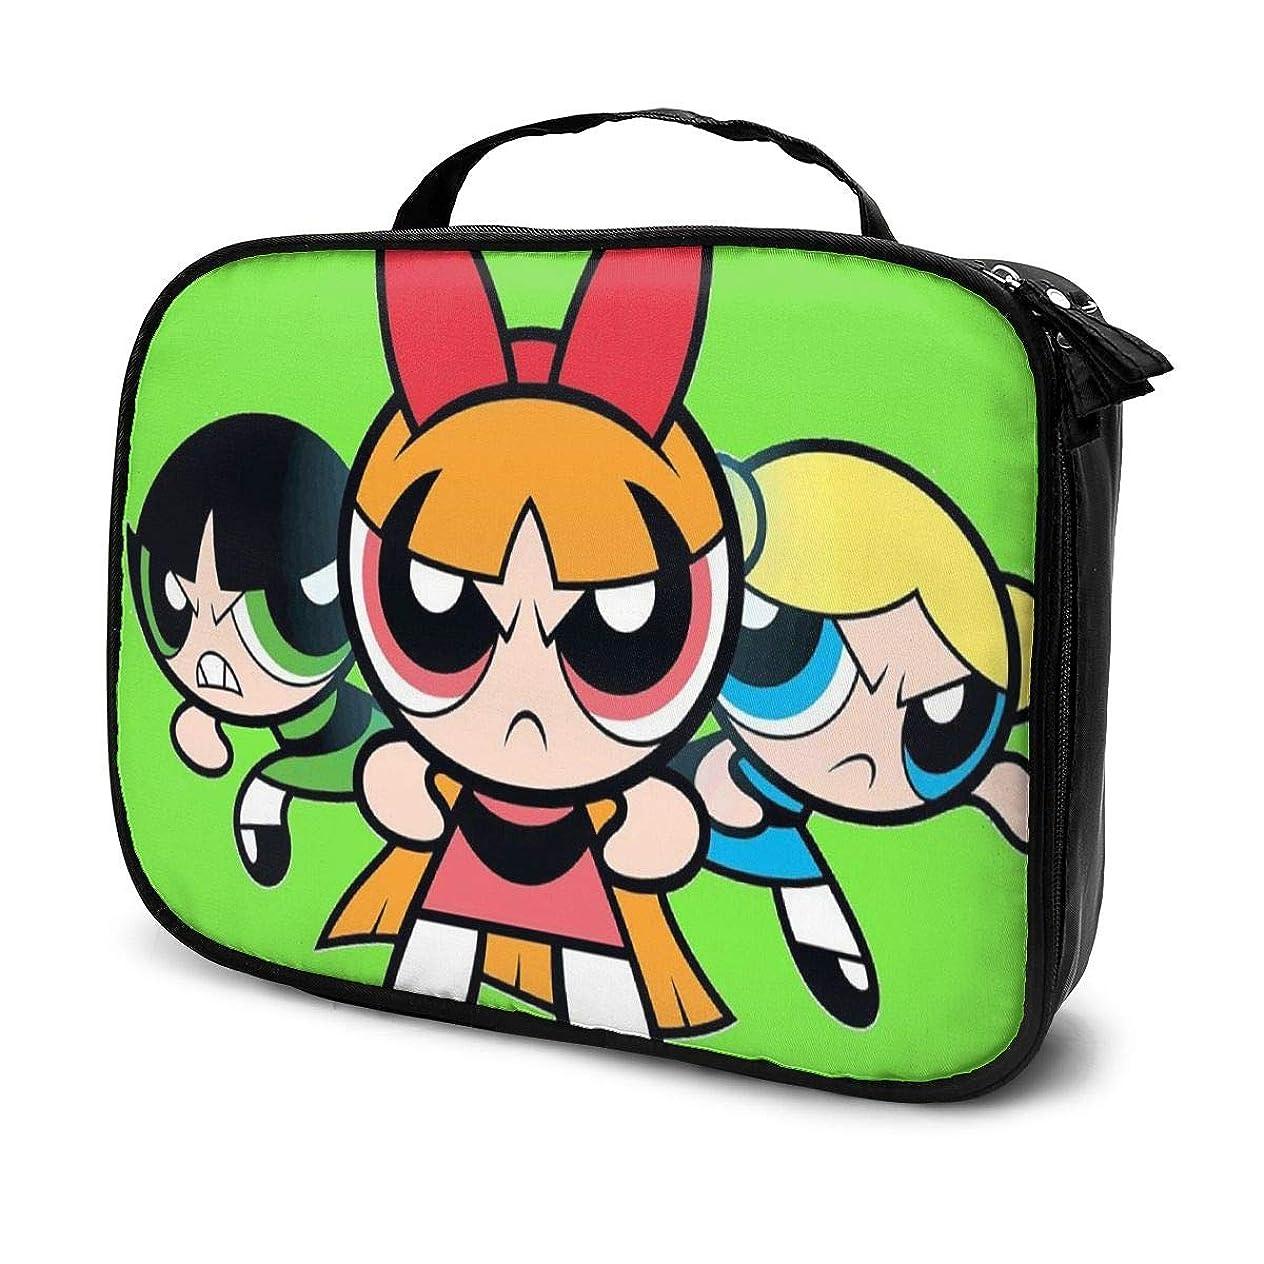 大宇宙濃度回るDaituパワーパフガールズ 化粧品袋の女性旅行バッグ収納大容量防水アクセサリー旅行